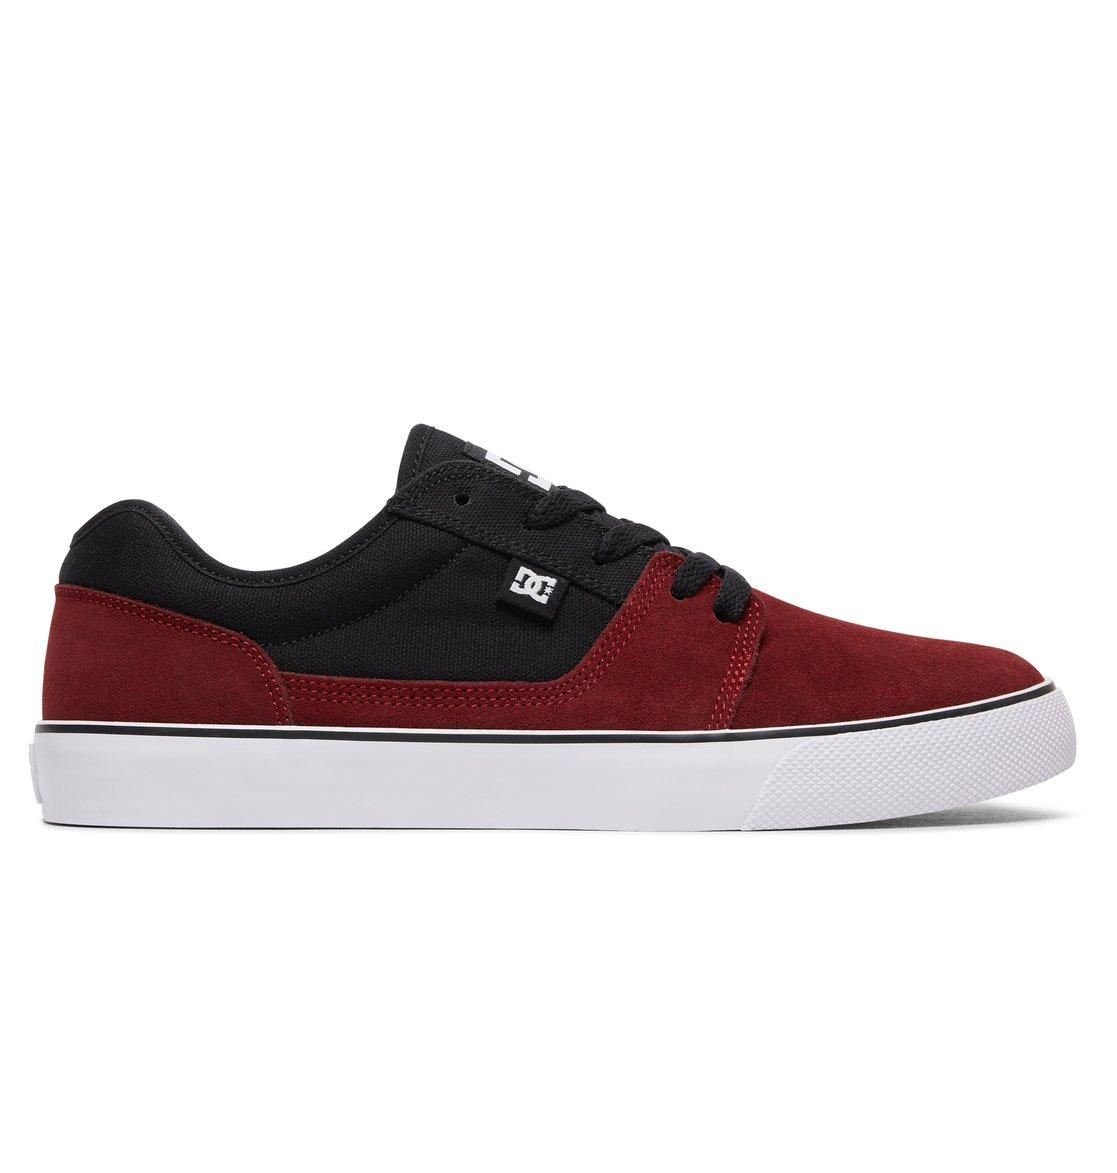 Zapatos DC Shoes Tonik para hombre JnksmiVlCm